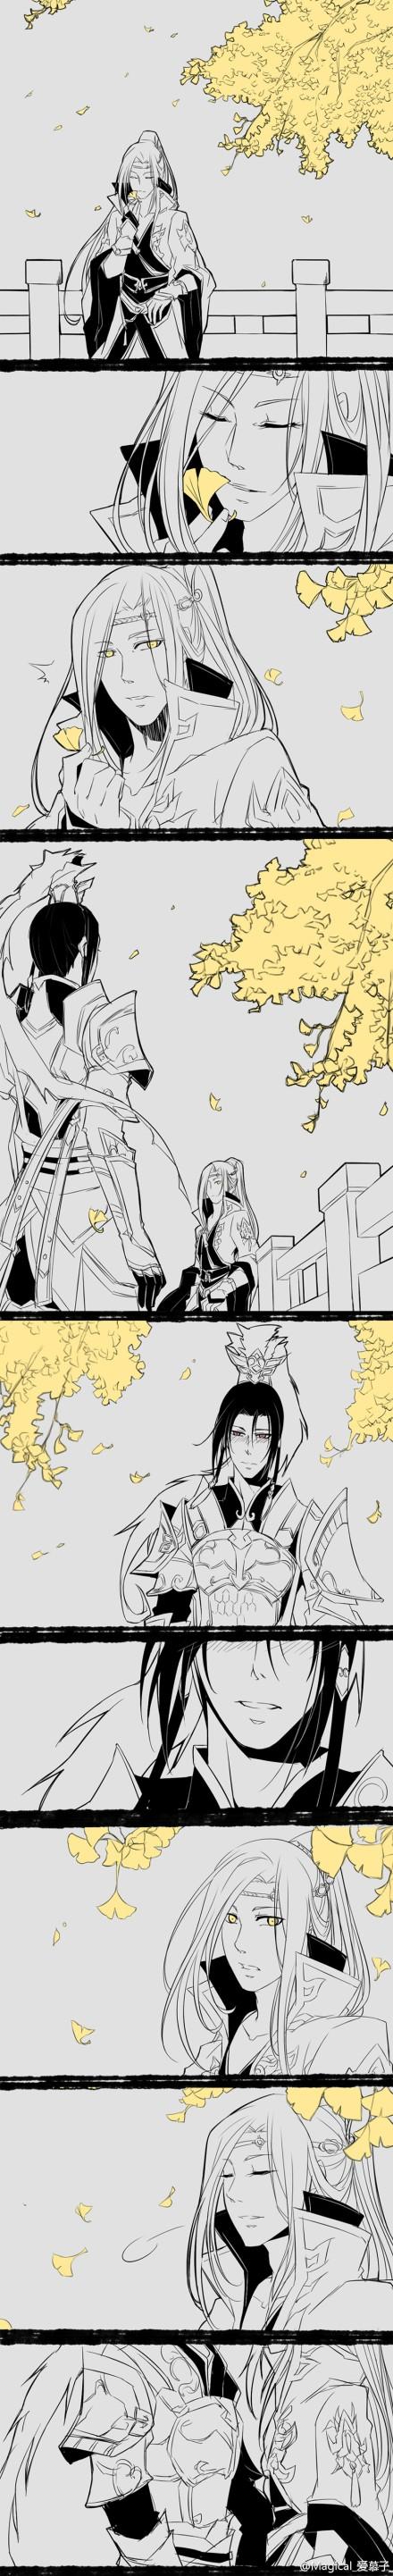 《剑网3》策藏手绘漫画 一叶落知天下秋